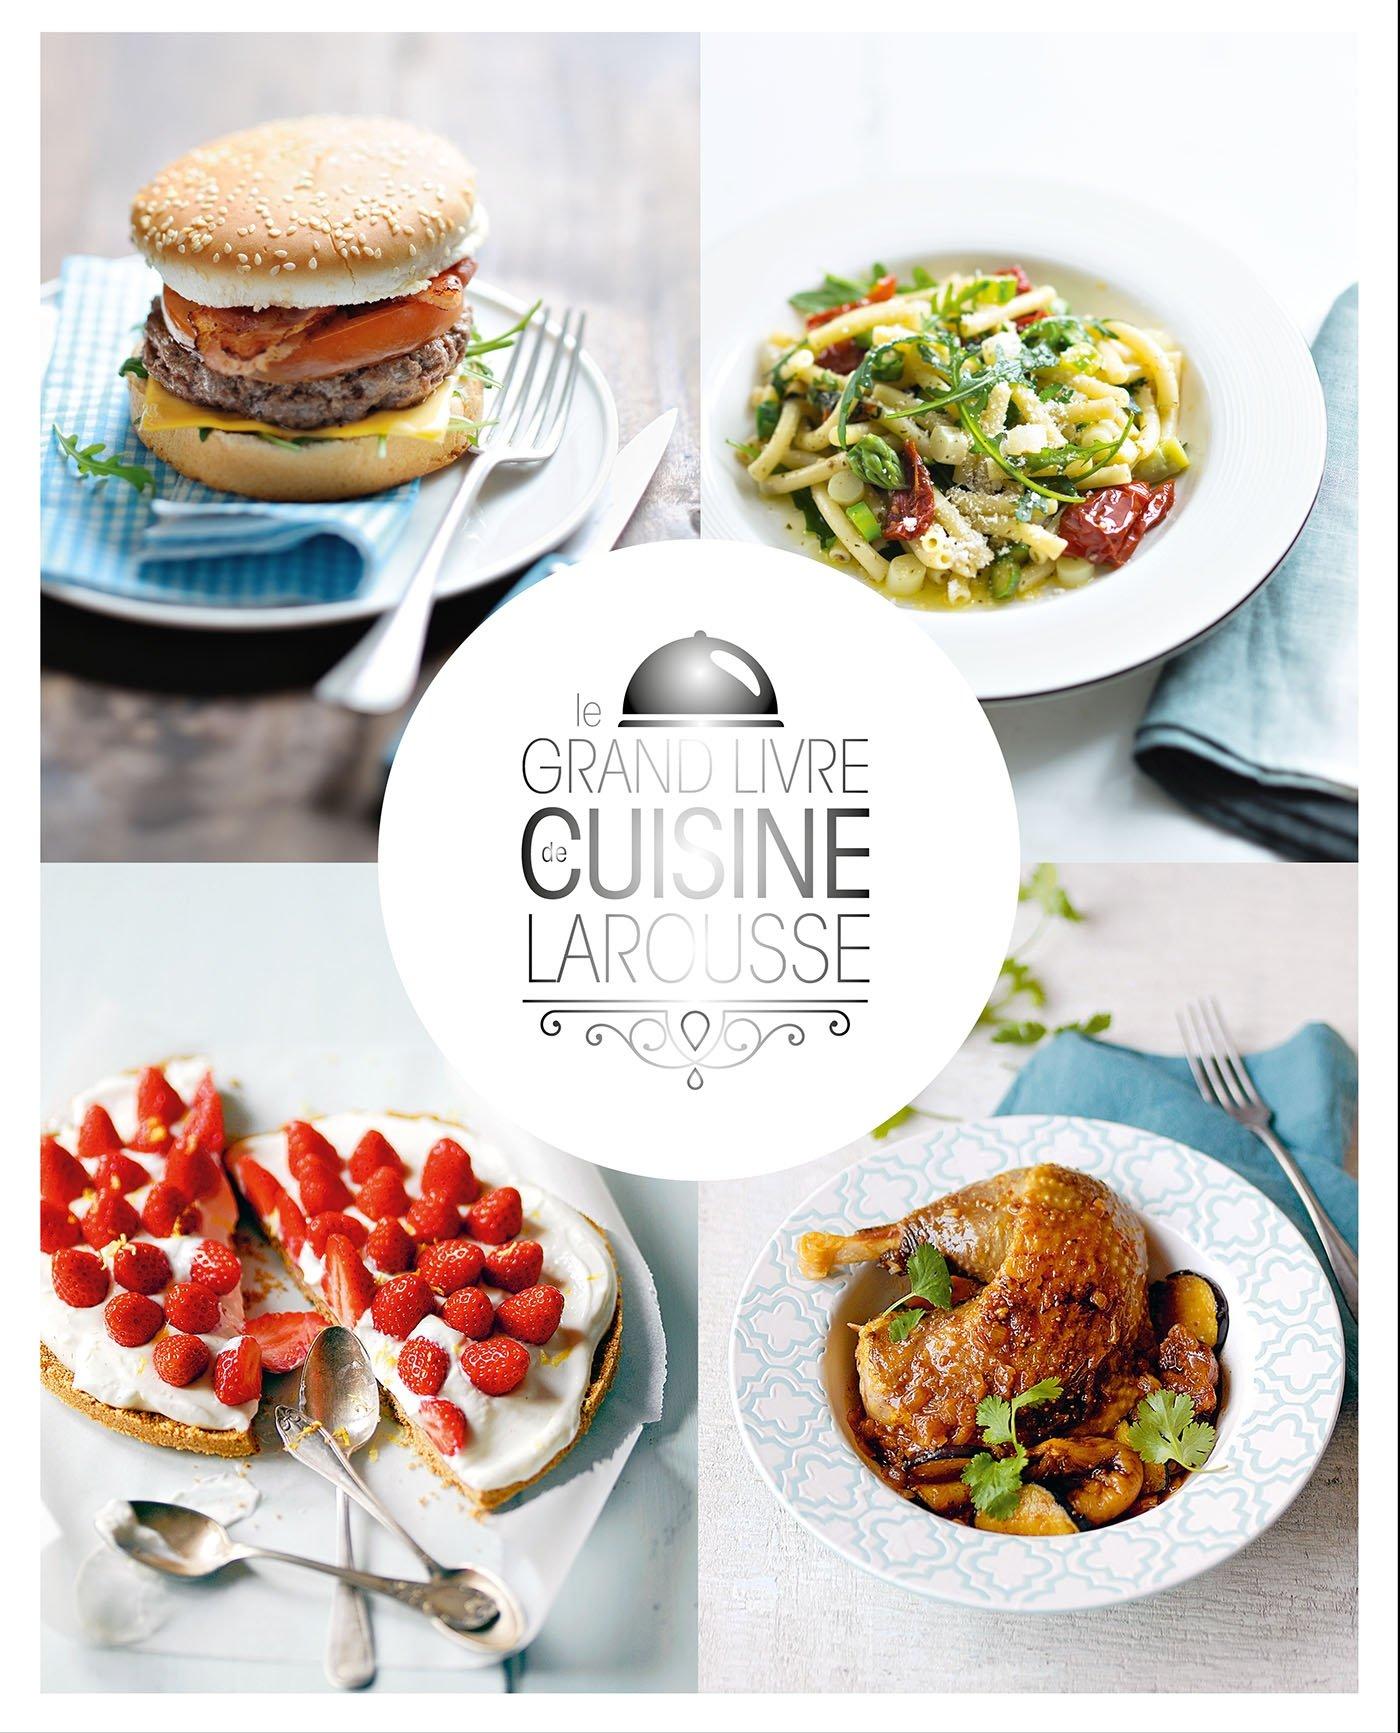 Livre Cuisine | Amazon Fr Le Grand Livre De Cuisine Larousse Camille Depraz Livres